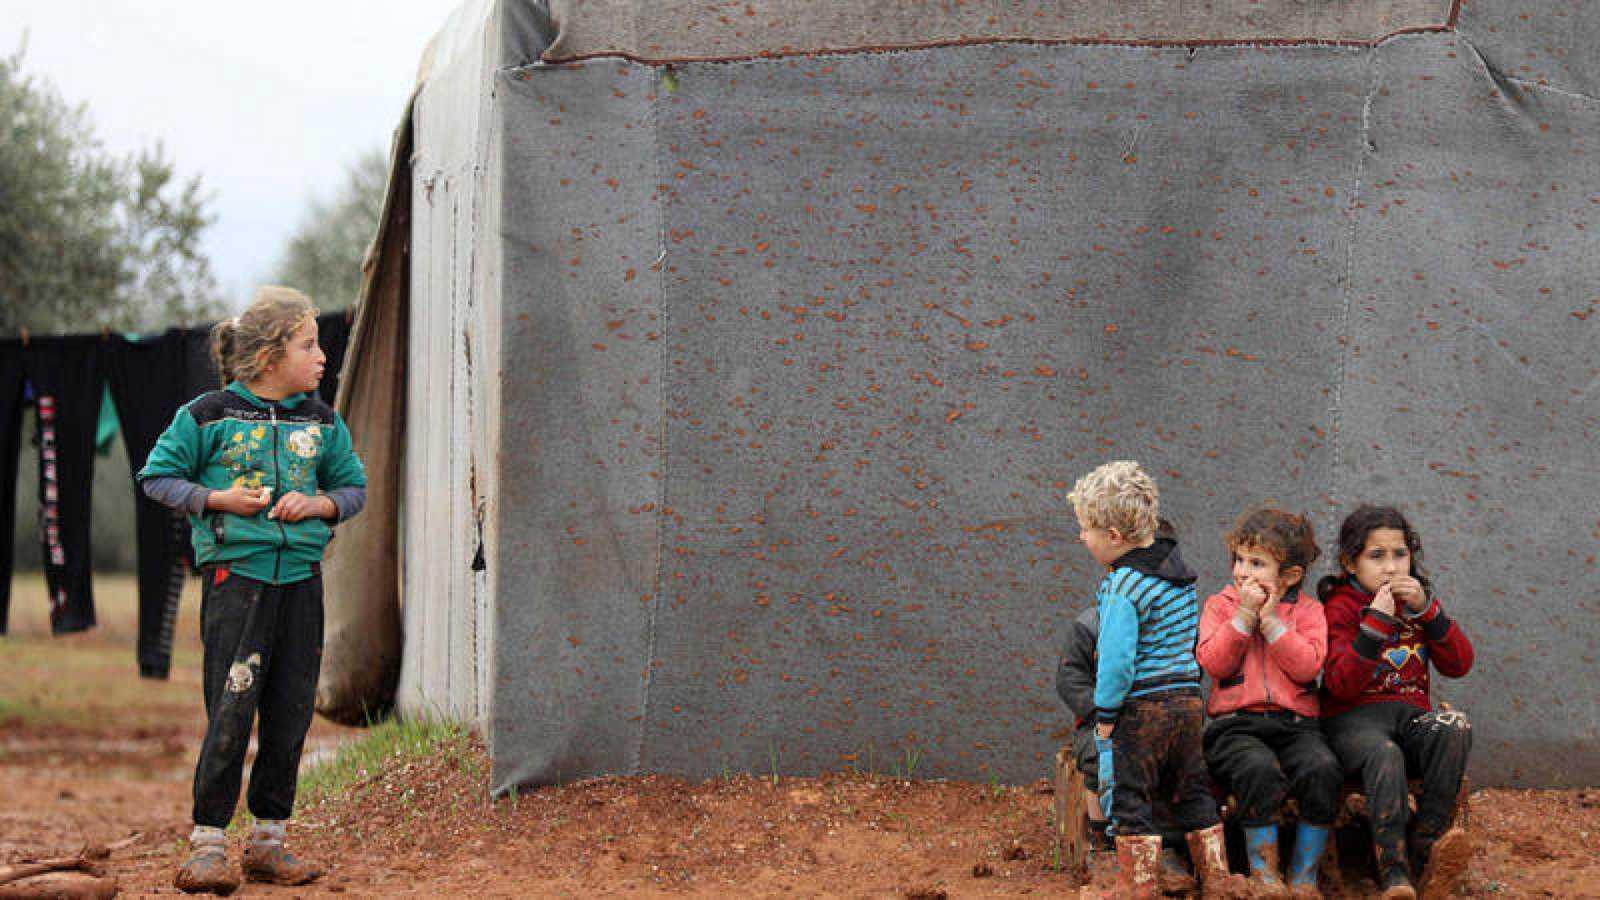 Reportajes 5 Continentes - Aumentan las necesidades humanitarias en el mundo para 2021 - Escuchar ahora